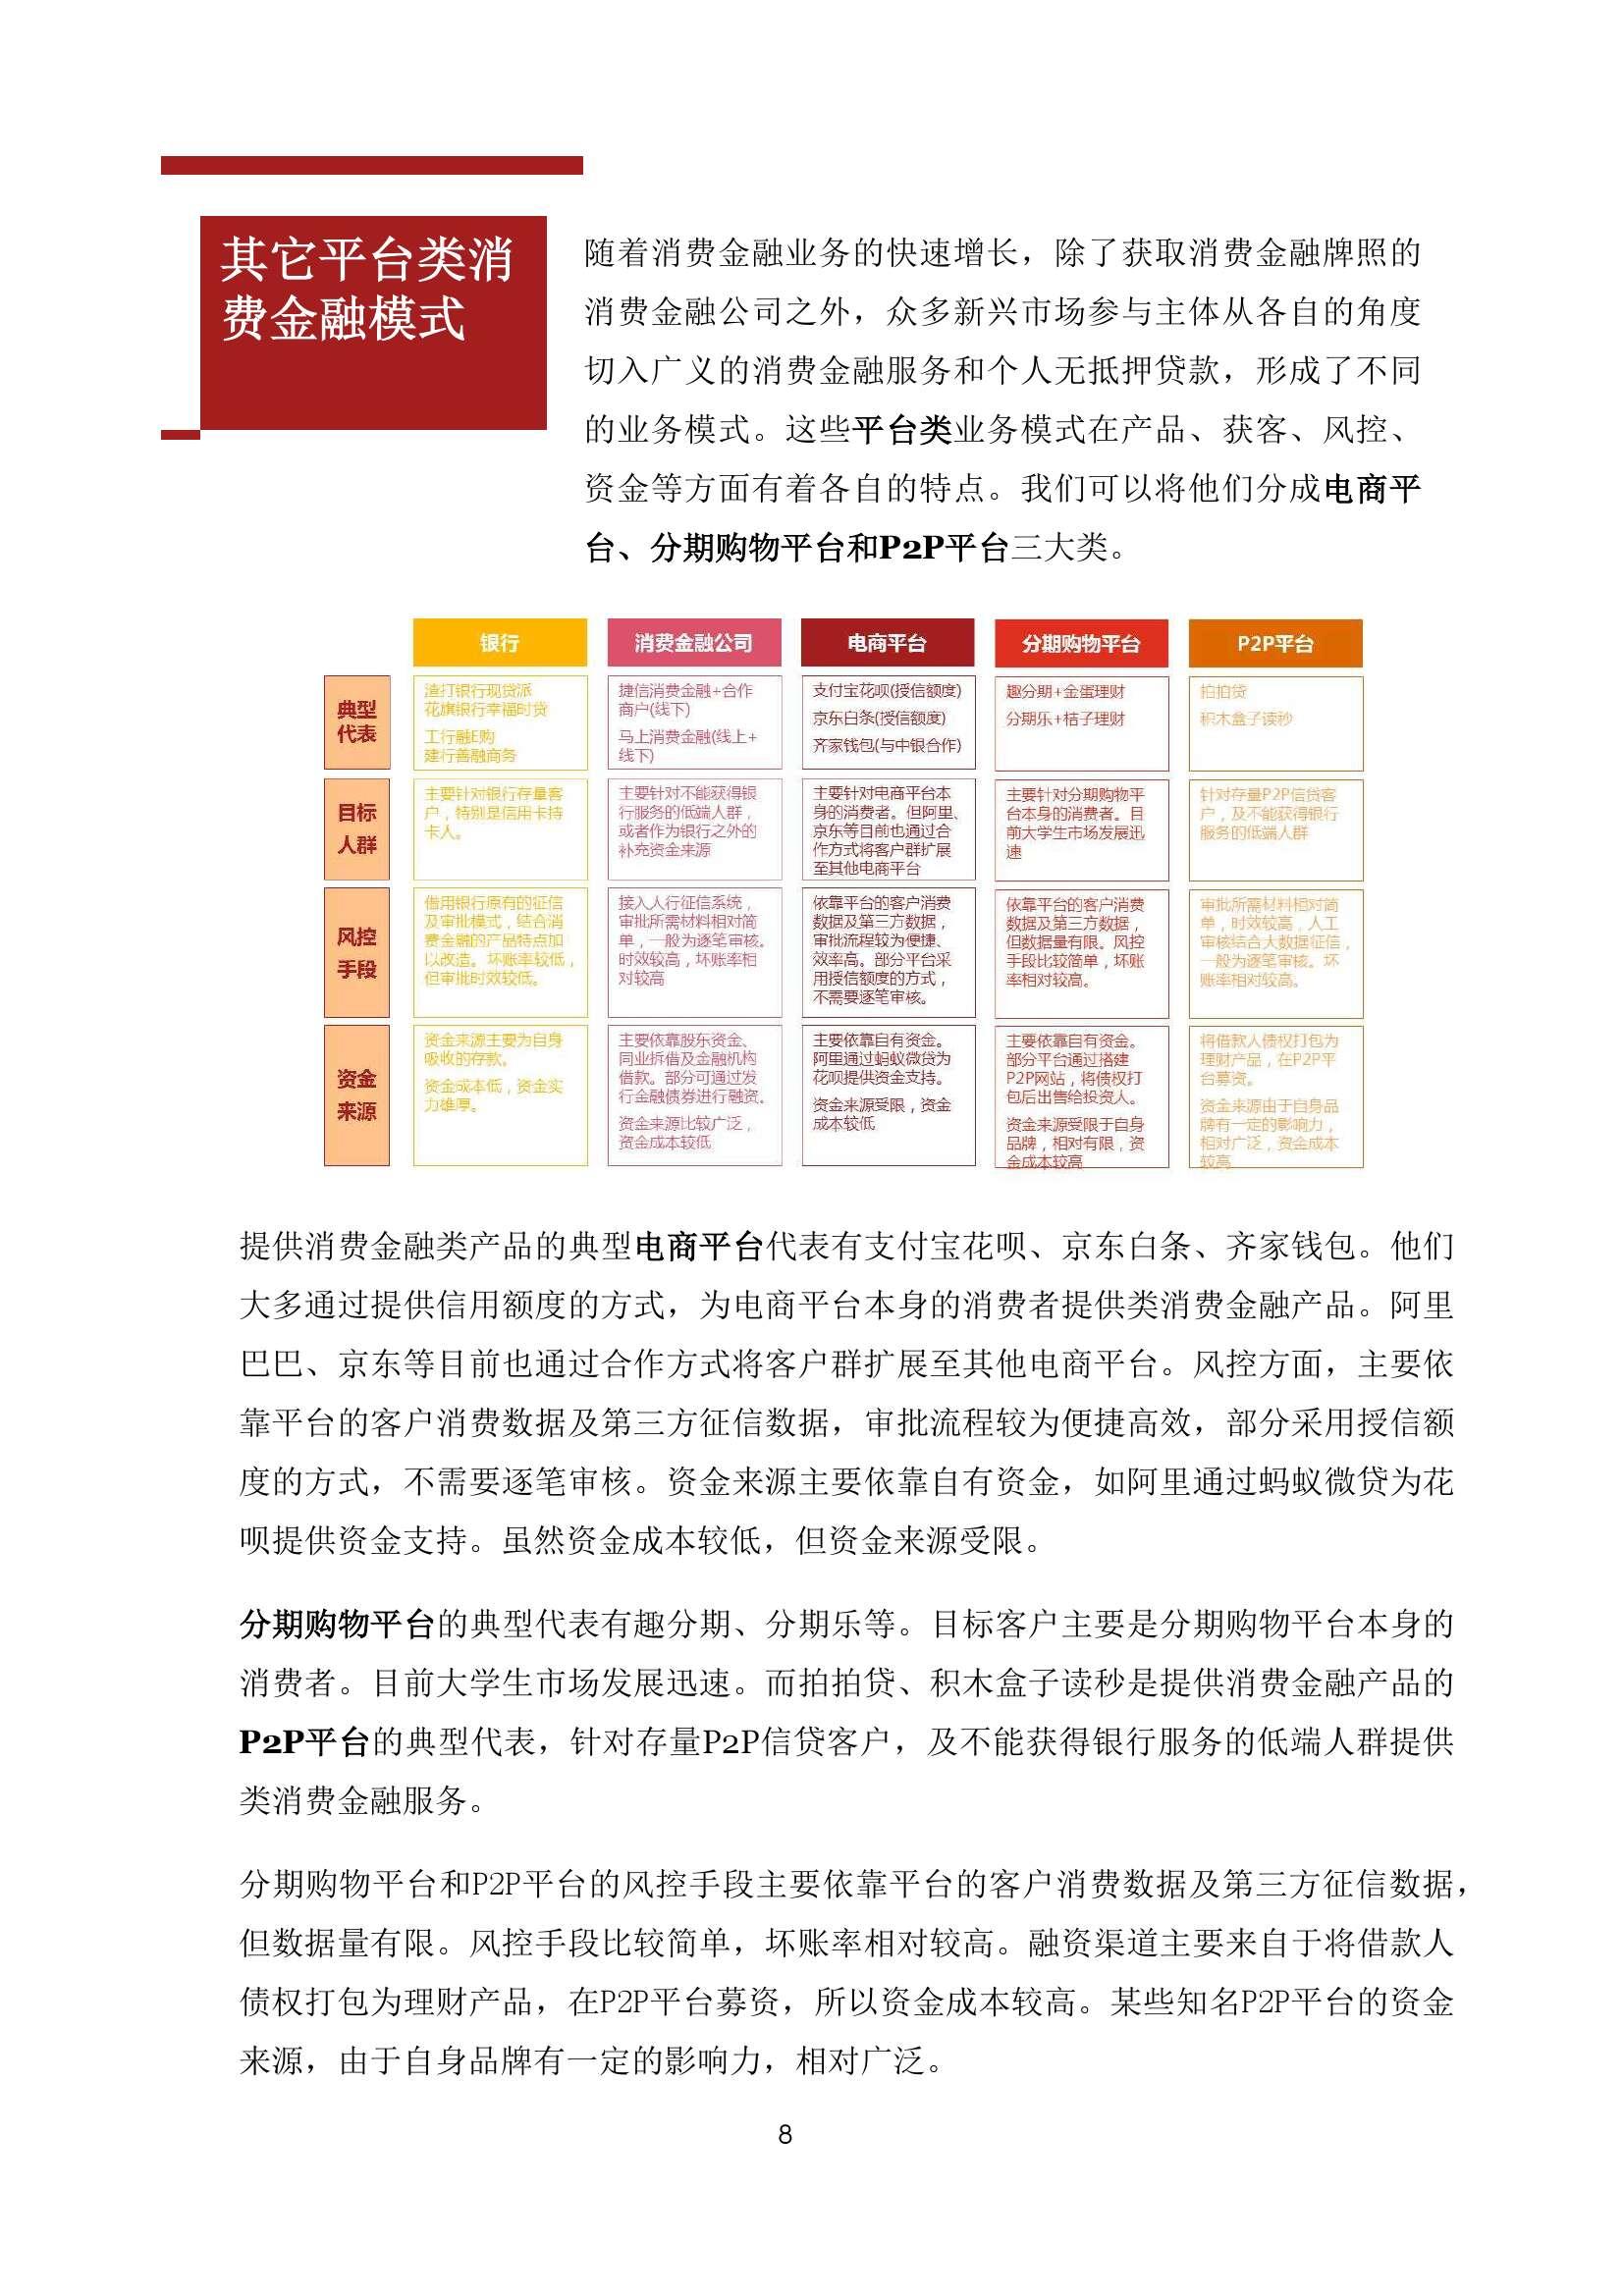 中国零售银行的蓝海_000008